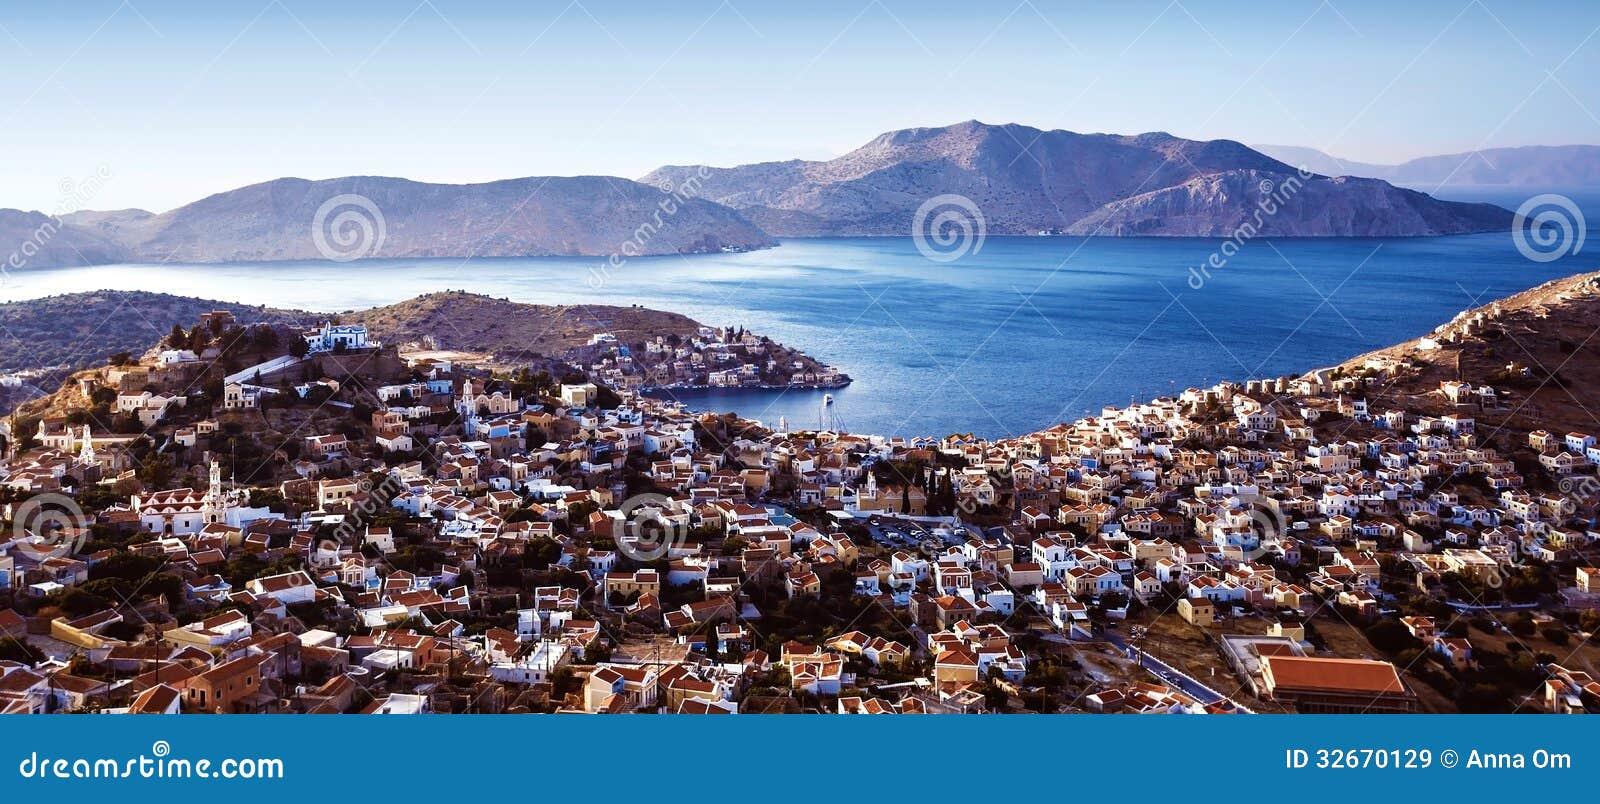 美丽的沿海城市,欧洲镇在地中海,希腊海岛,许多小的房子,美丽如画的图片